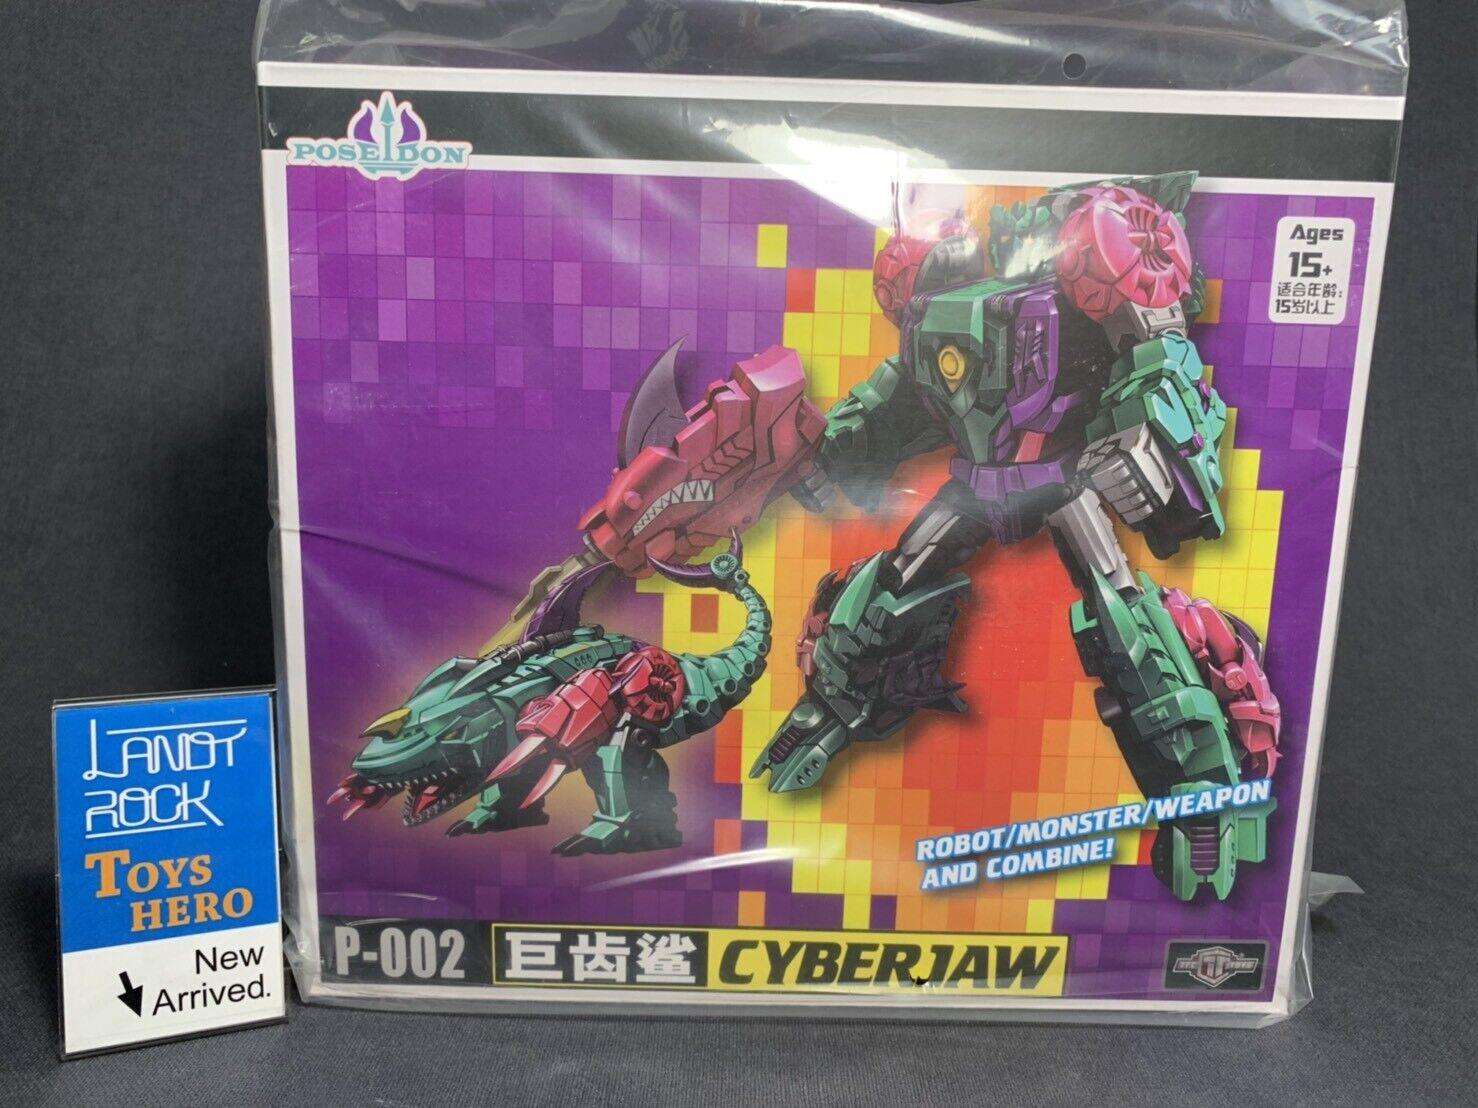 de moda Juguetes héroe] en en en mano [Transformers de TFC P-002 cyberjaw Poseidon combinar  ahorra hasta un 70%